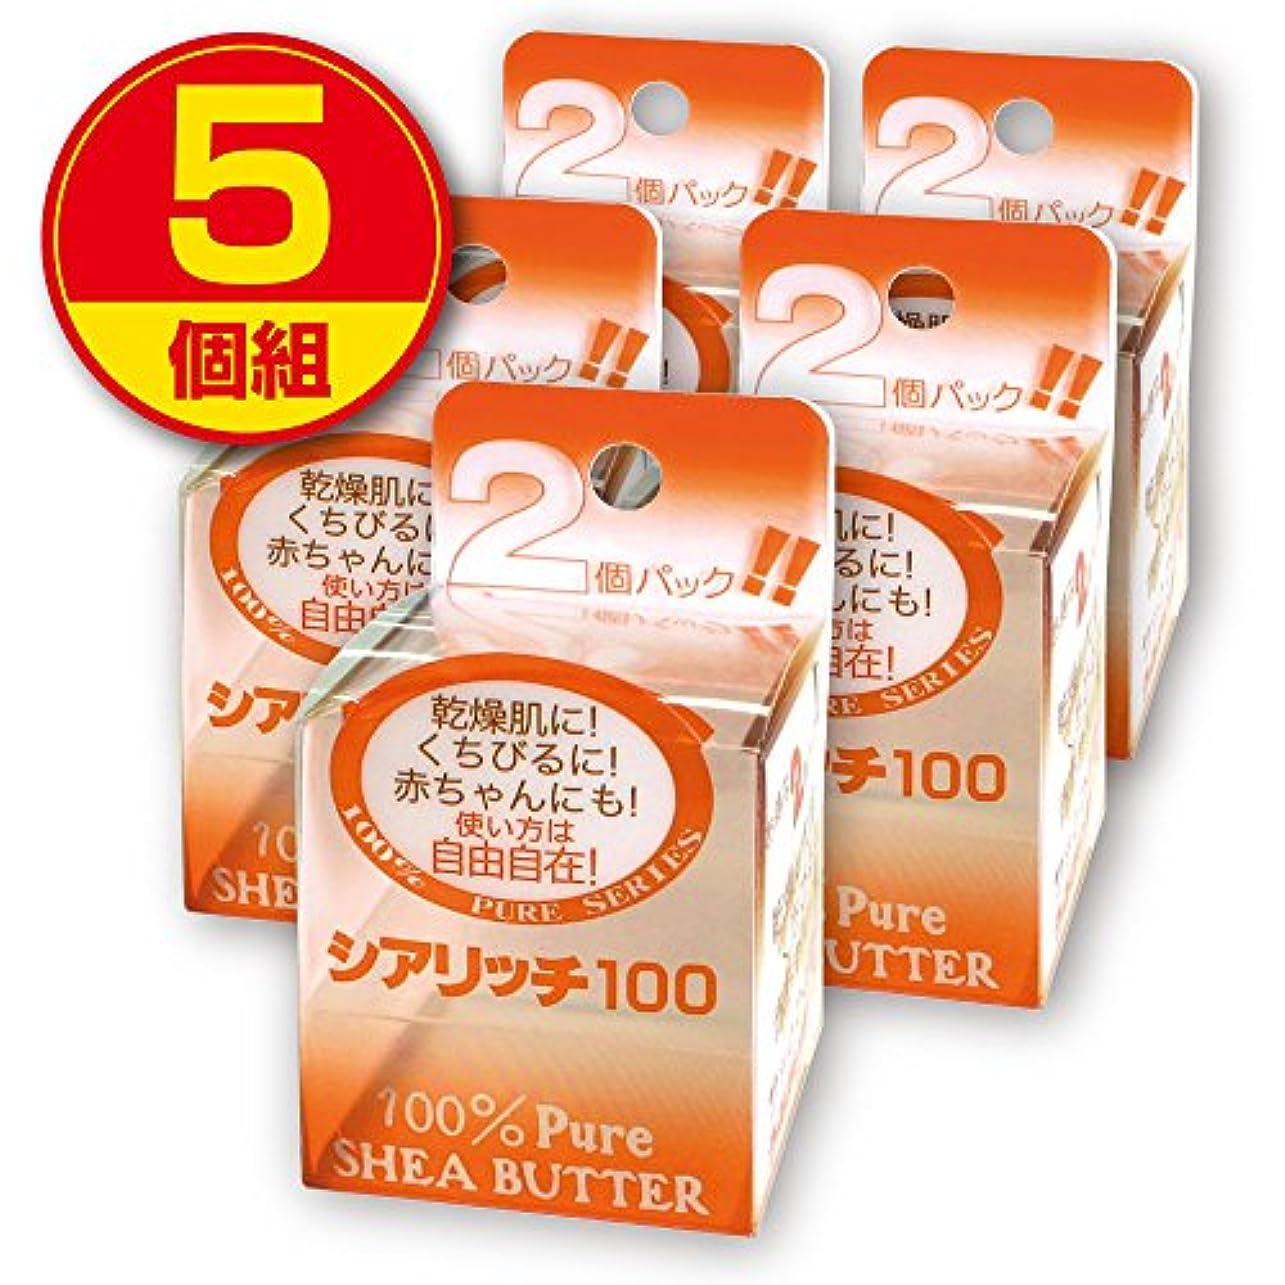 ペインティング調和のとれた構造日本天然物研究所 シアリッチ100 (8g×2個入り)【5個組】(無添加100%シアバター)無香料